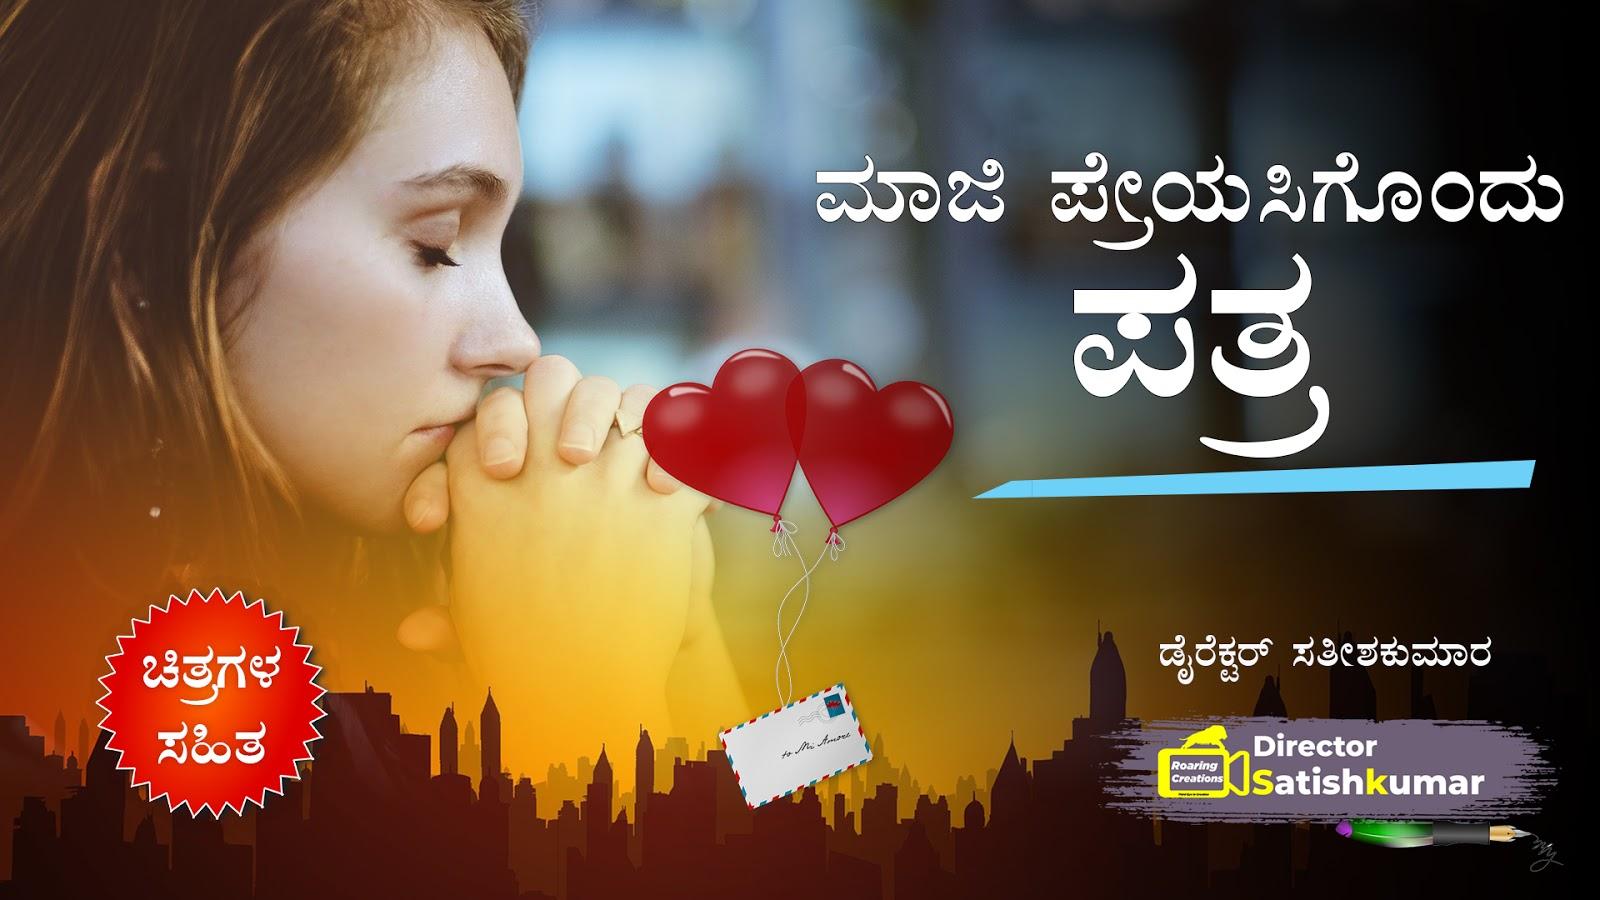 ಮಾಜಿ ಪ್ರೇಯಸಿಗೊಂದು ಪತ್ರ -  A letter to X lover in Kannada - ಕನ್ನಡ ಕಥೆ ಪುಸ್ತಕಗಳು - Kannada Story Books -  E Books Kannada - Kannada Books